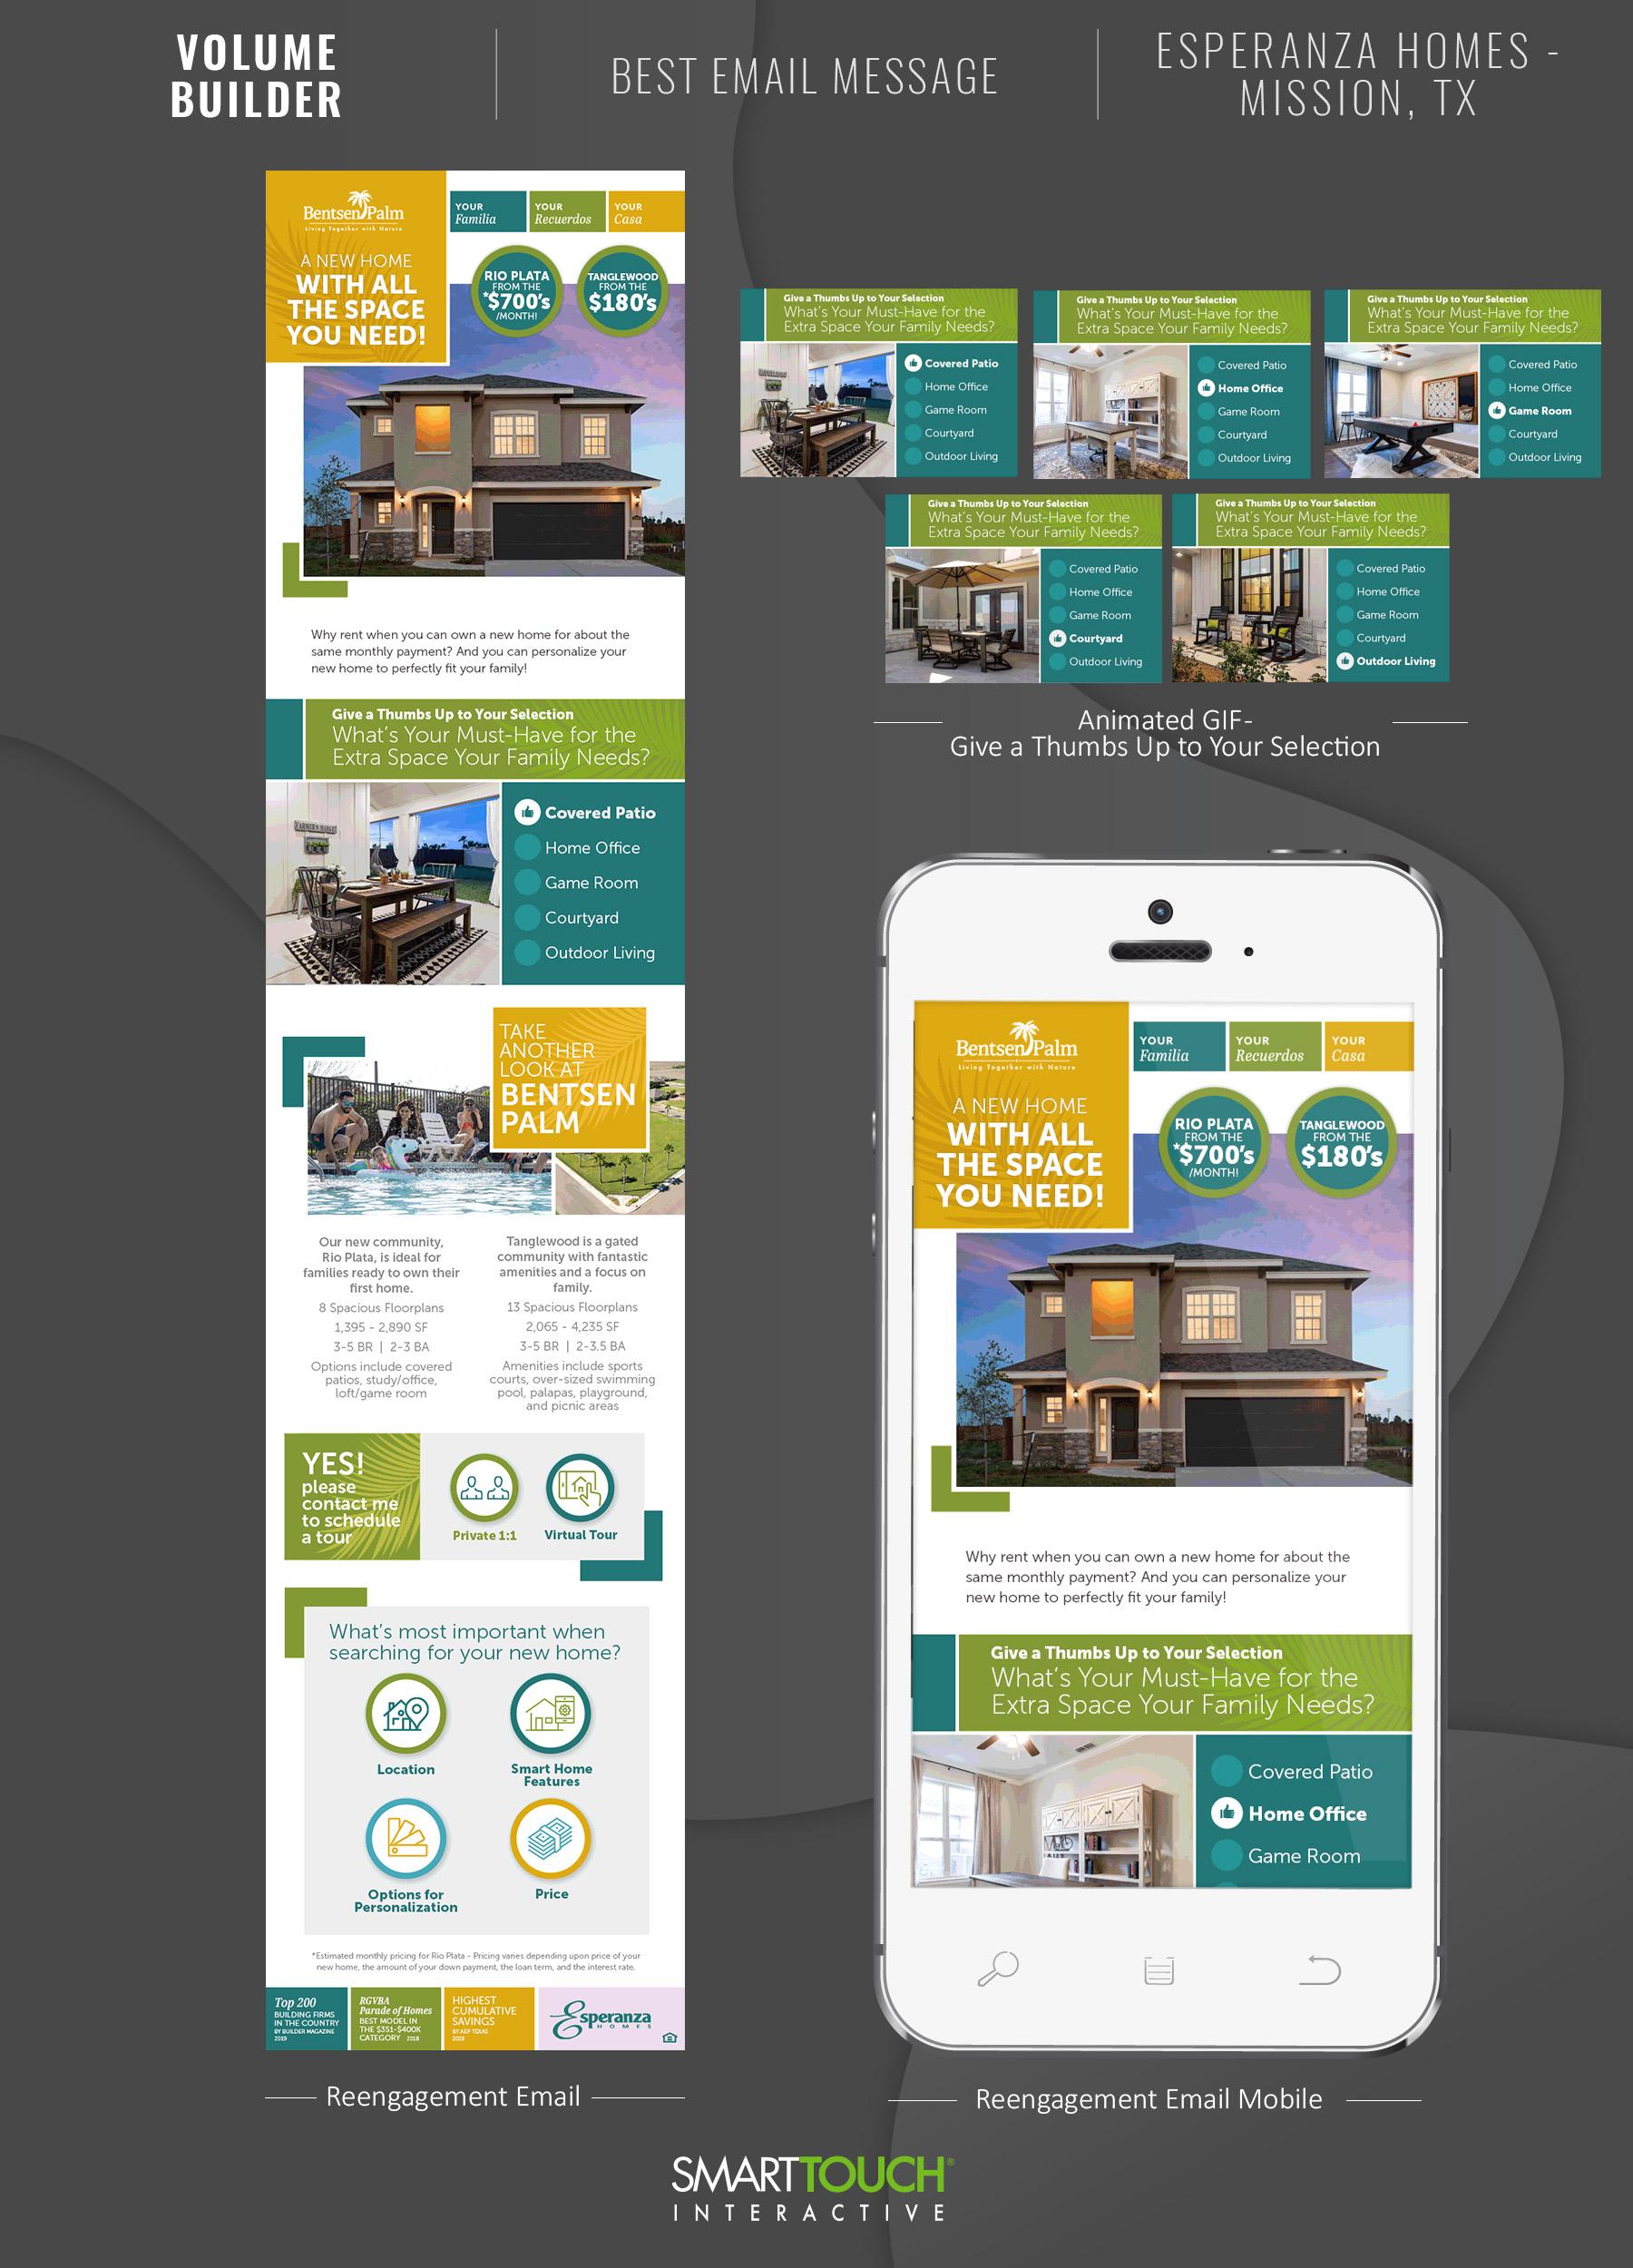 Builder - Best Email Message - Esperanza Homes